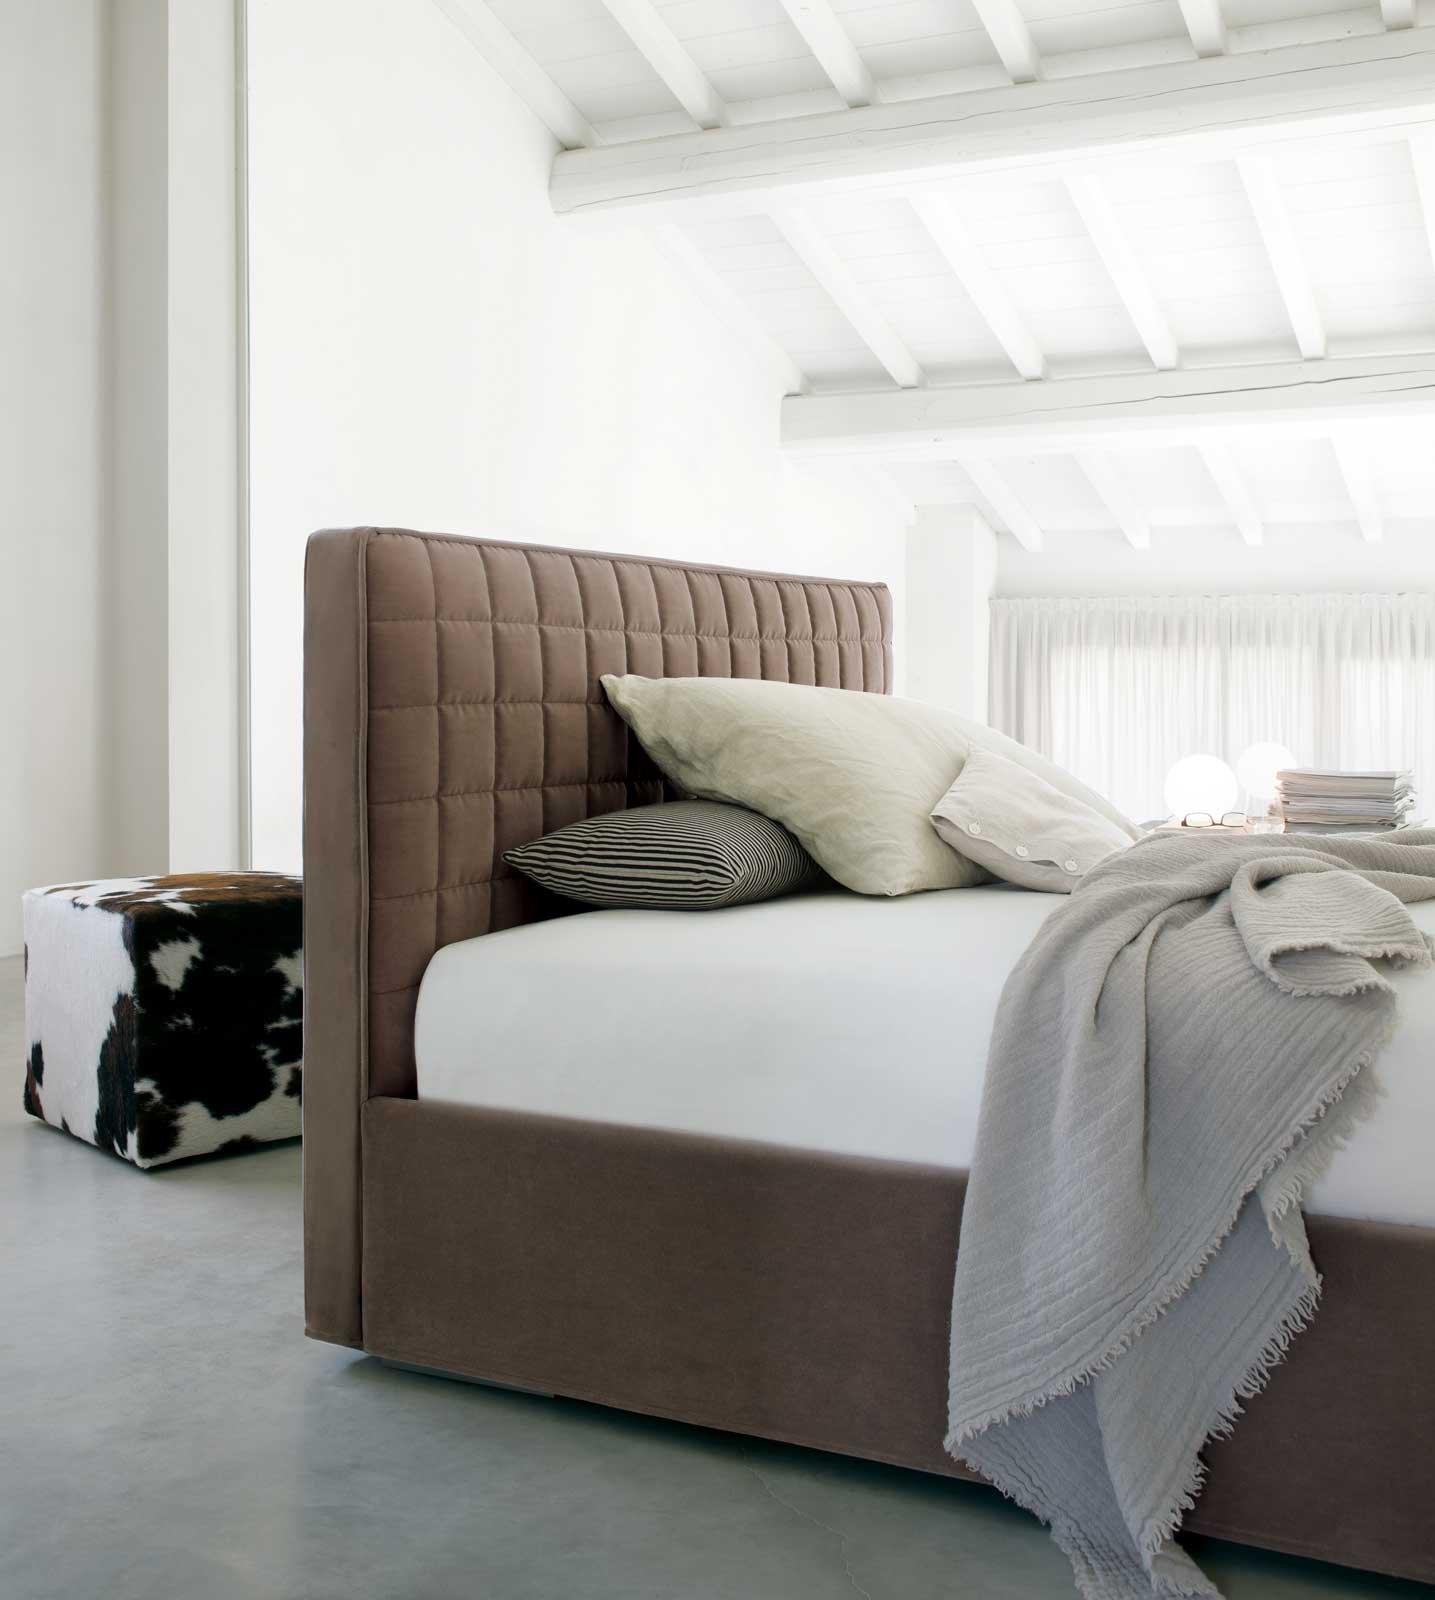 Cuscini per testata letto on line : cuscini per testata letto on line.